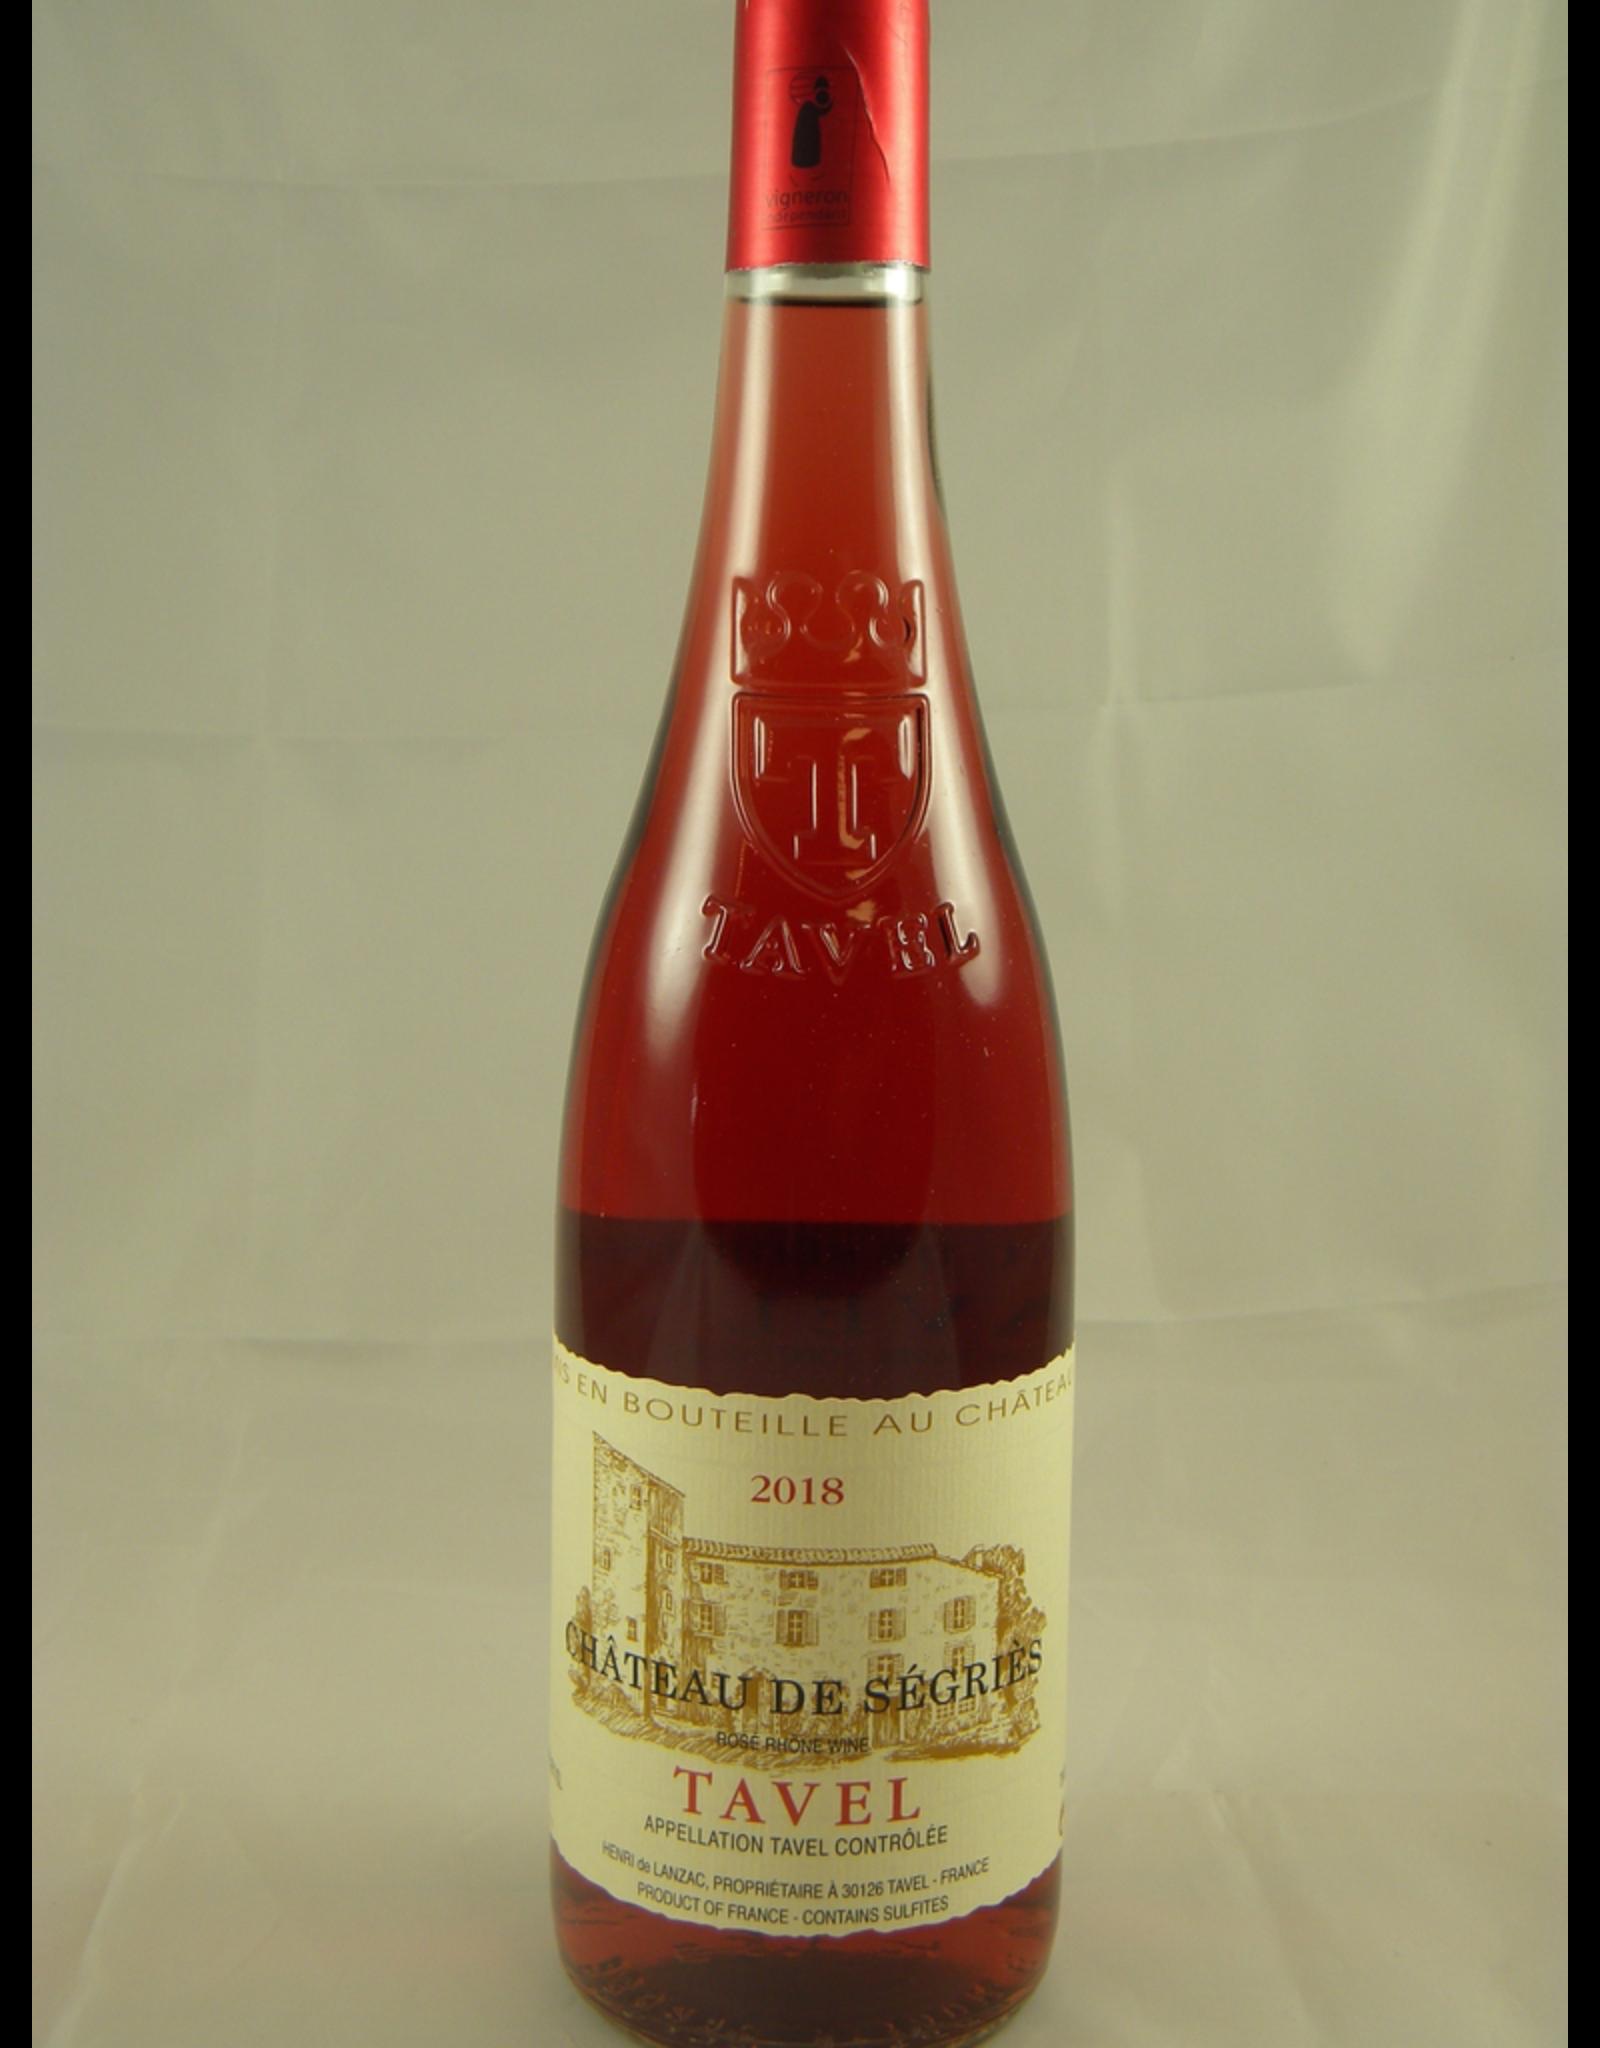 Segries Chateau de Segries Tavel Rosé 2019